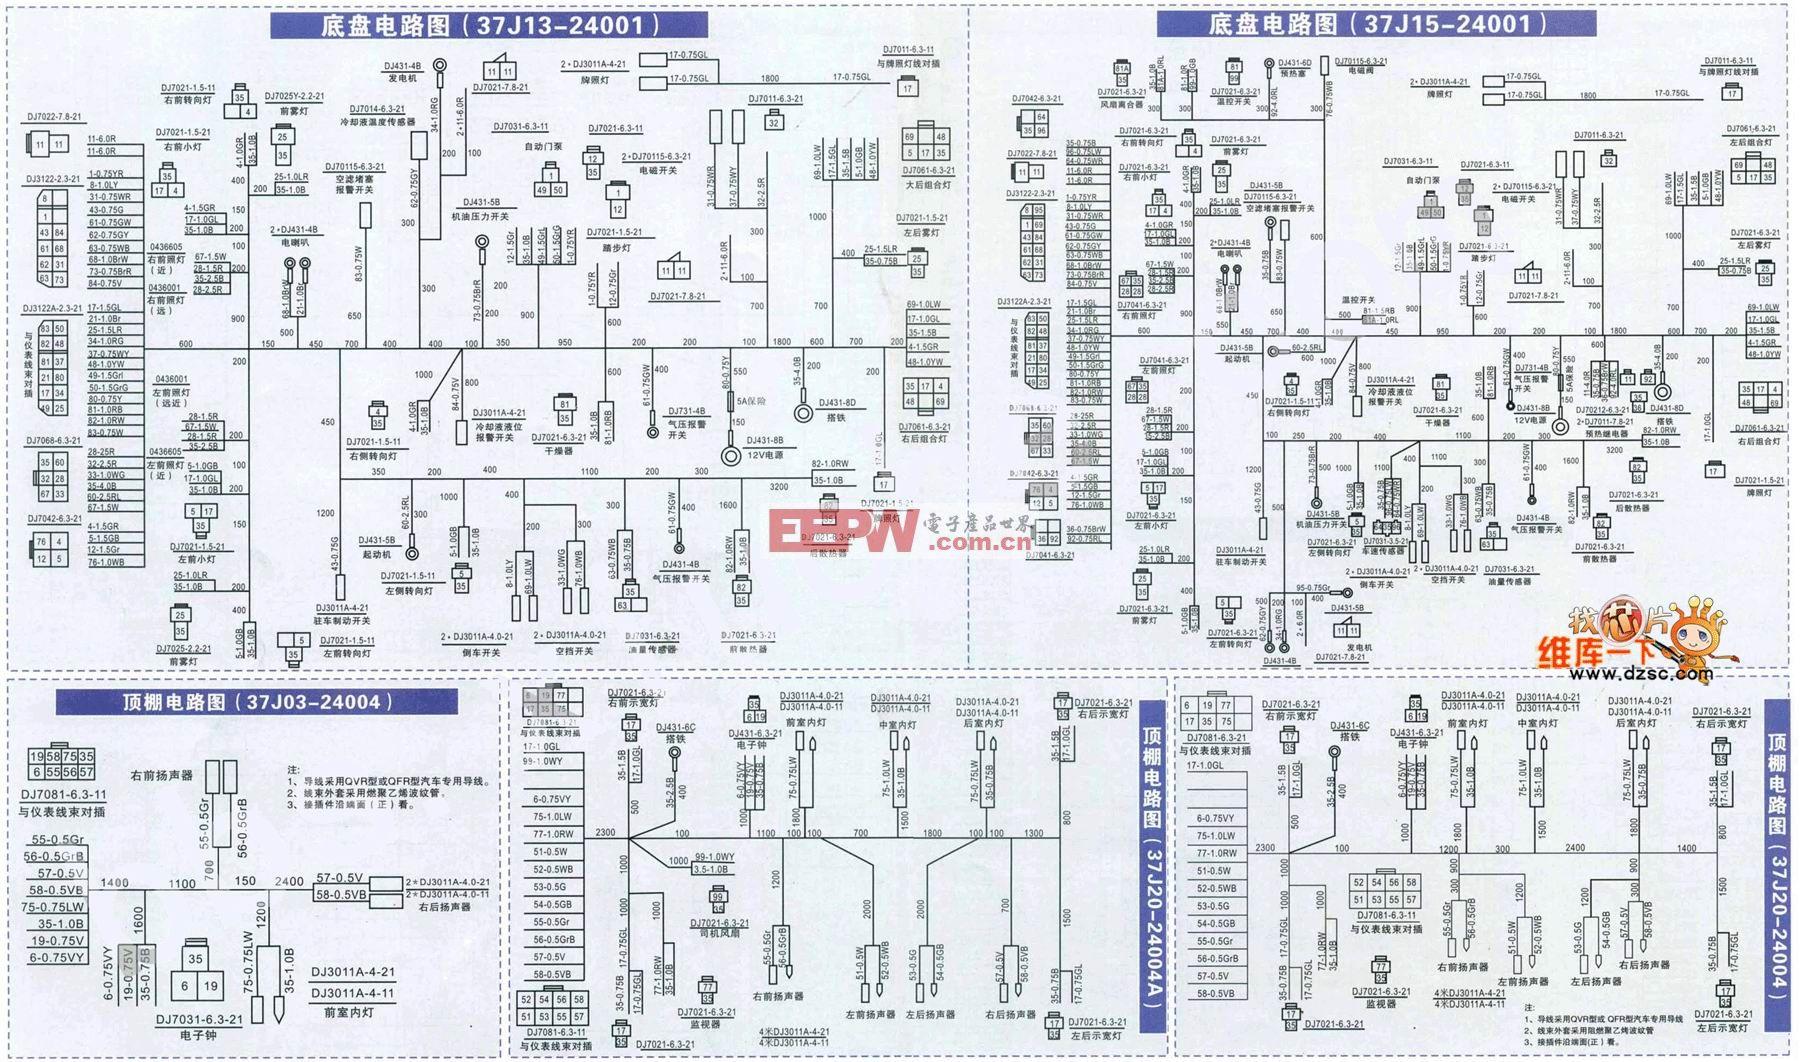 苏州金龙海格客车底盘与顶棚电路图